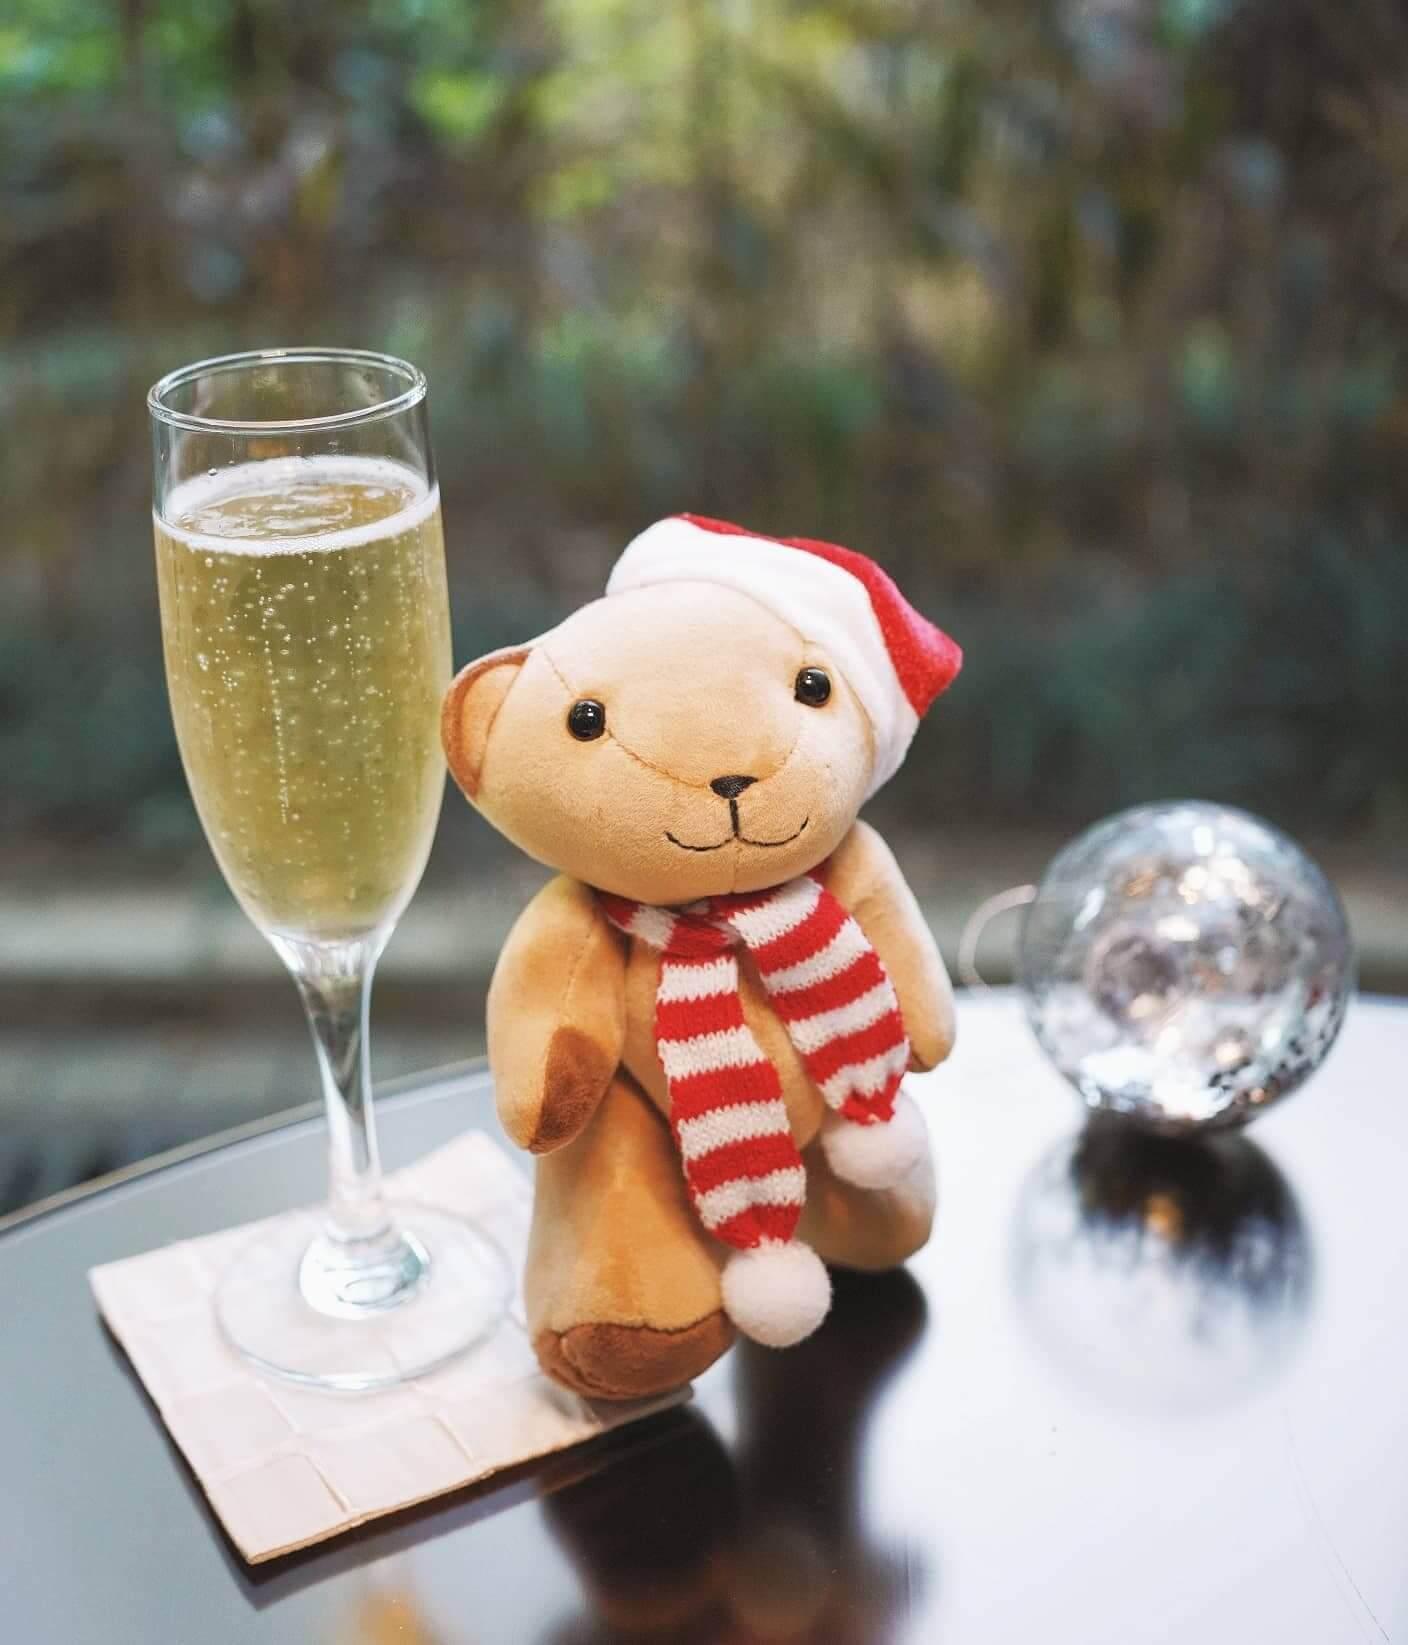 另加HK$120,可以我到法國Perrier-Jouët 香檳1杯及限量聖誕小熊公仔1隻。